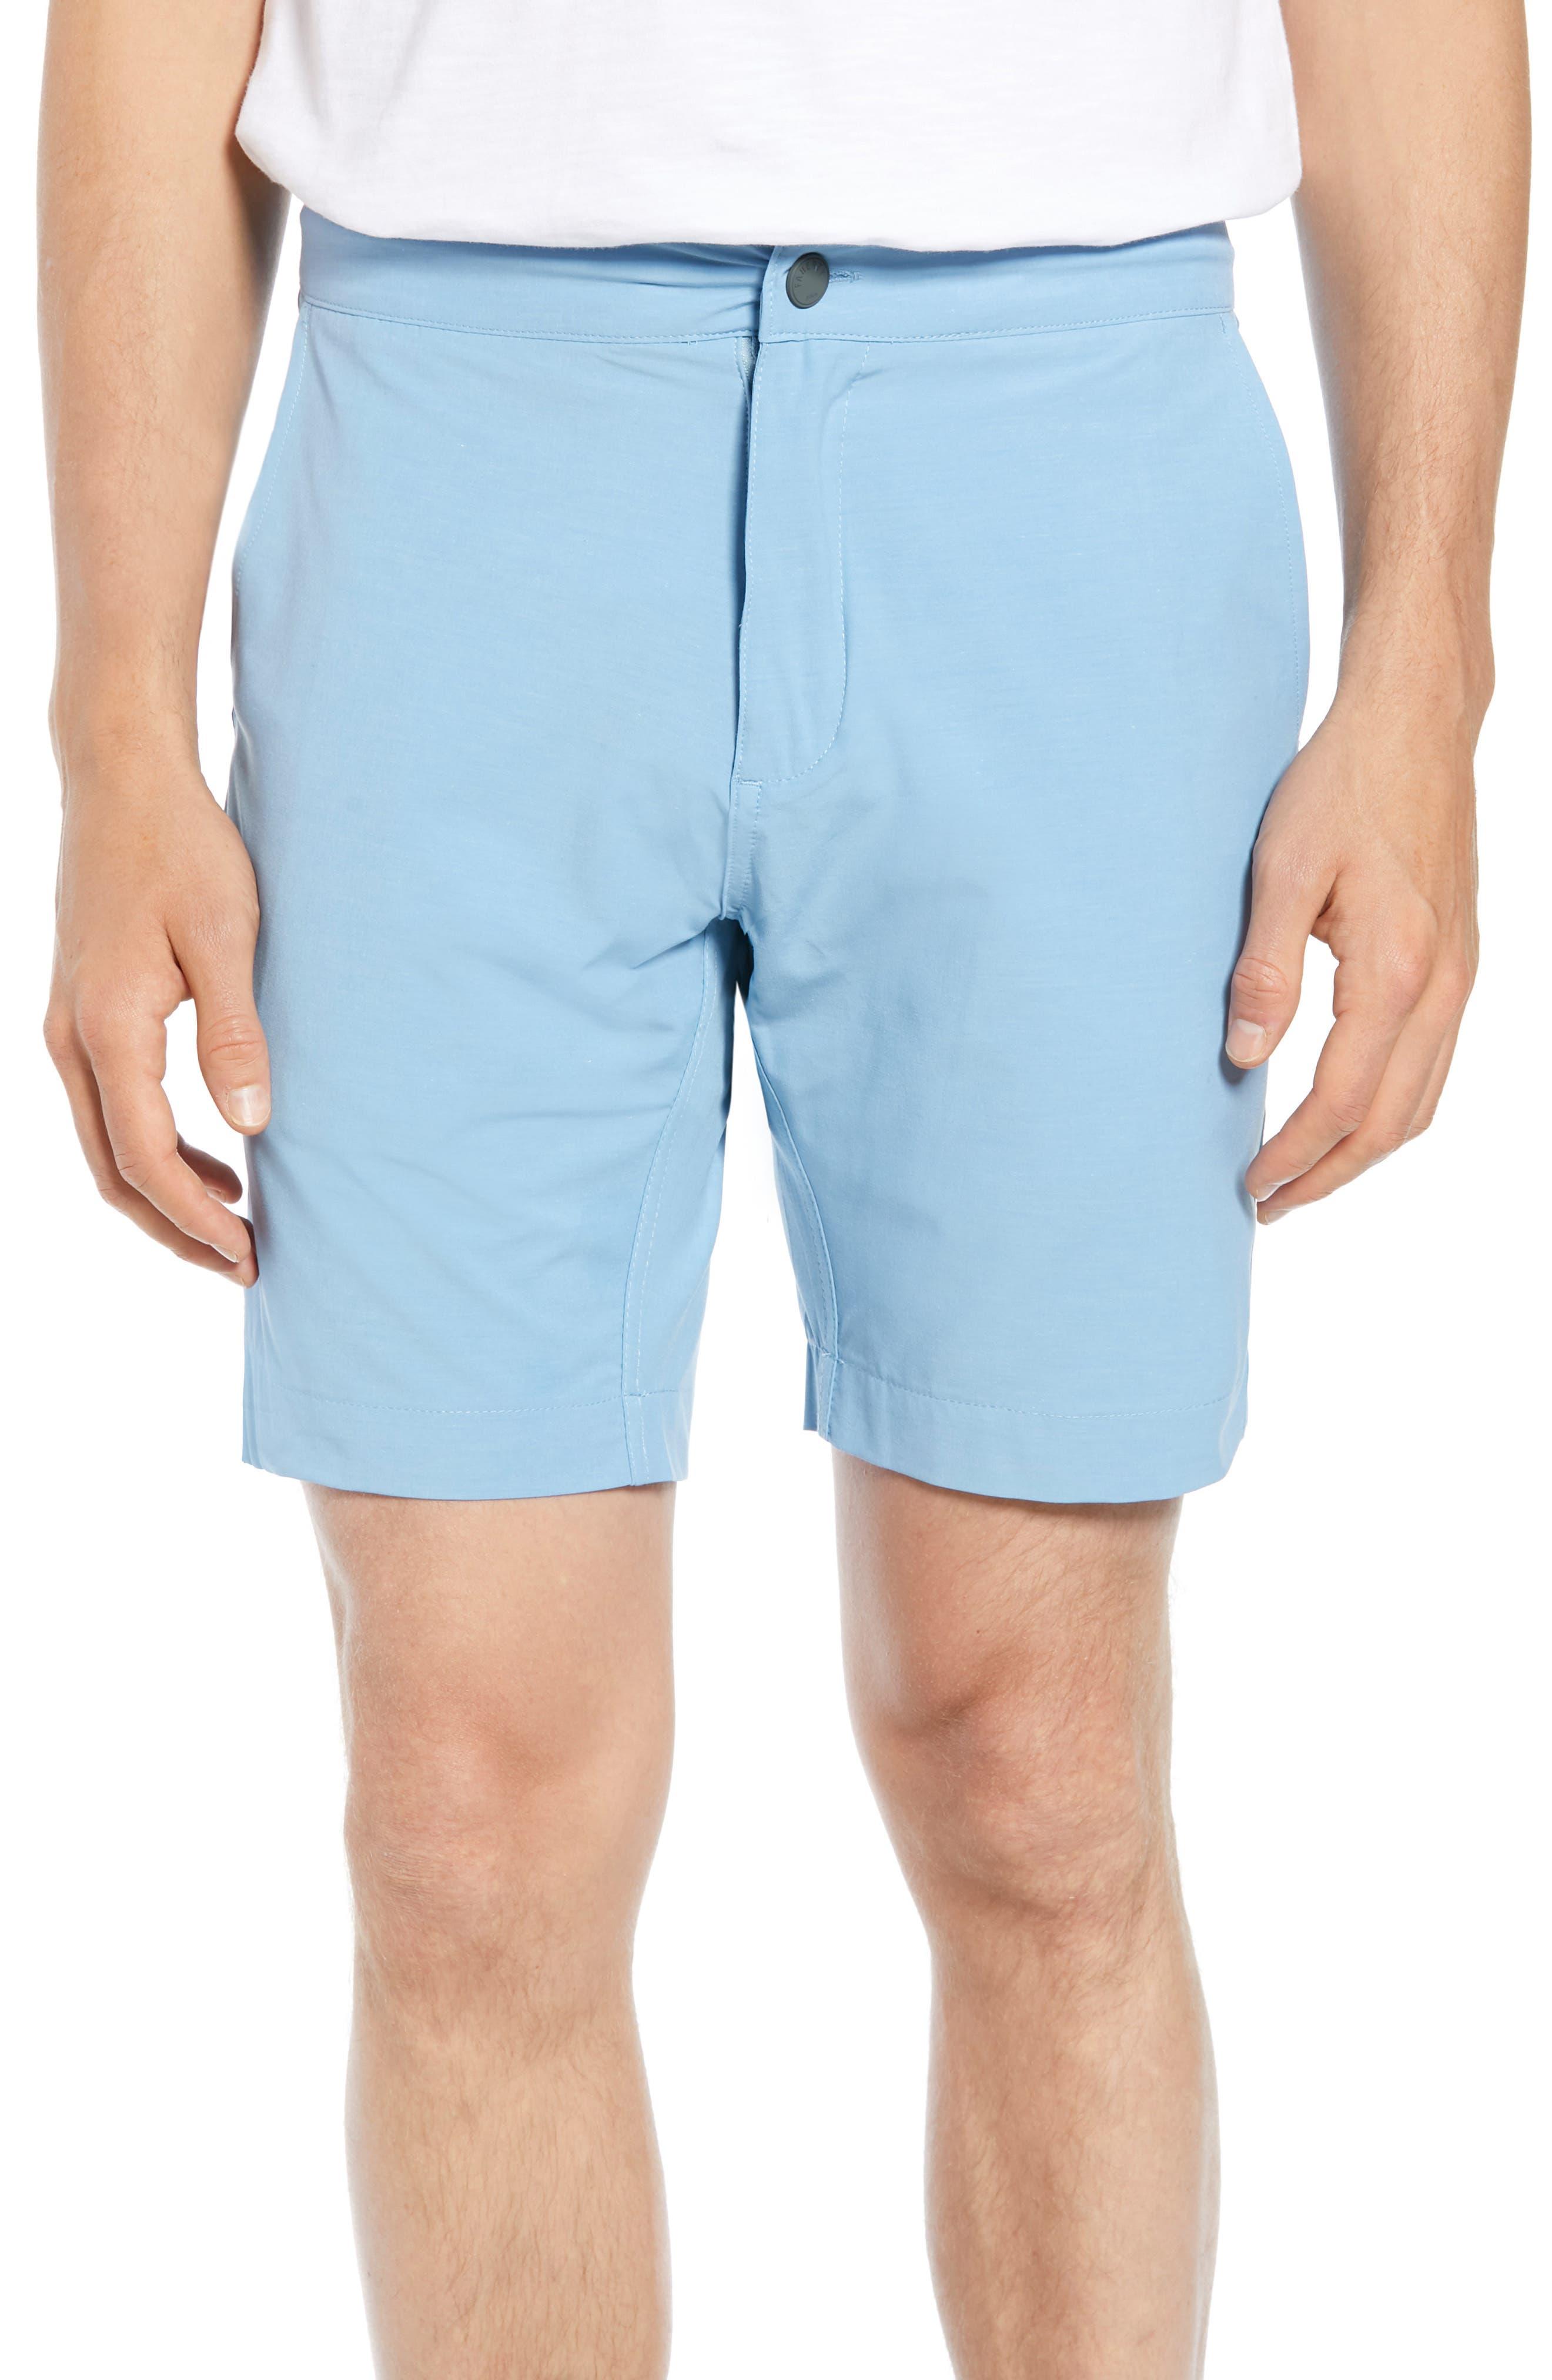 All Day Flat Front Shorts,                             Main thumbnail 1, color,                             COASTAL BLUE